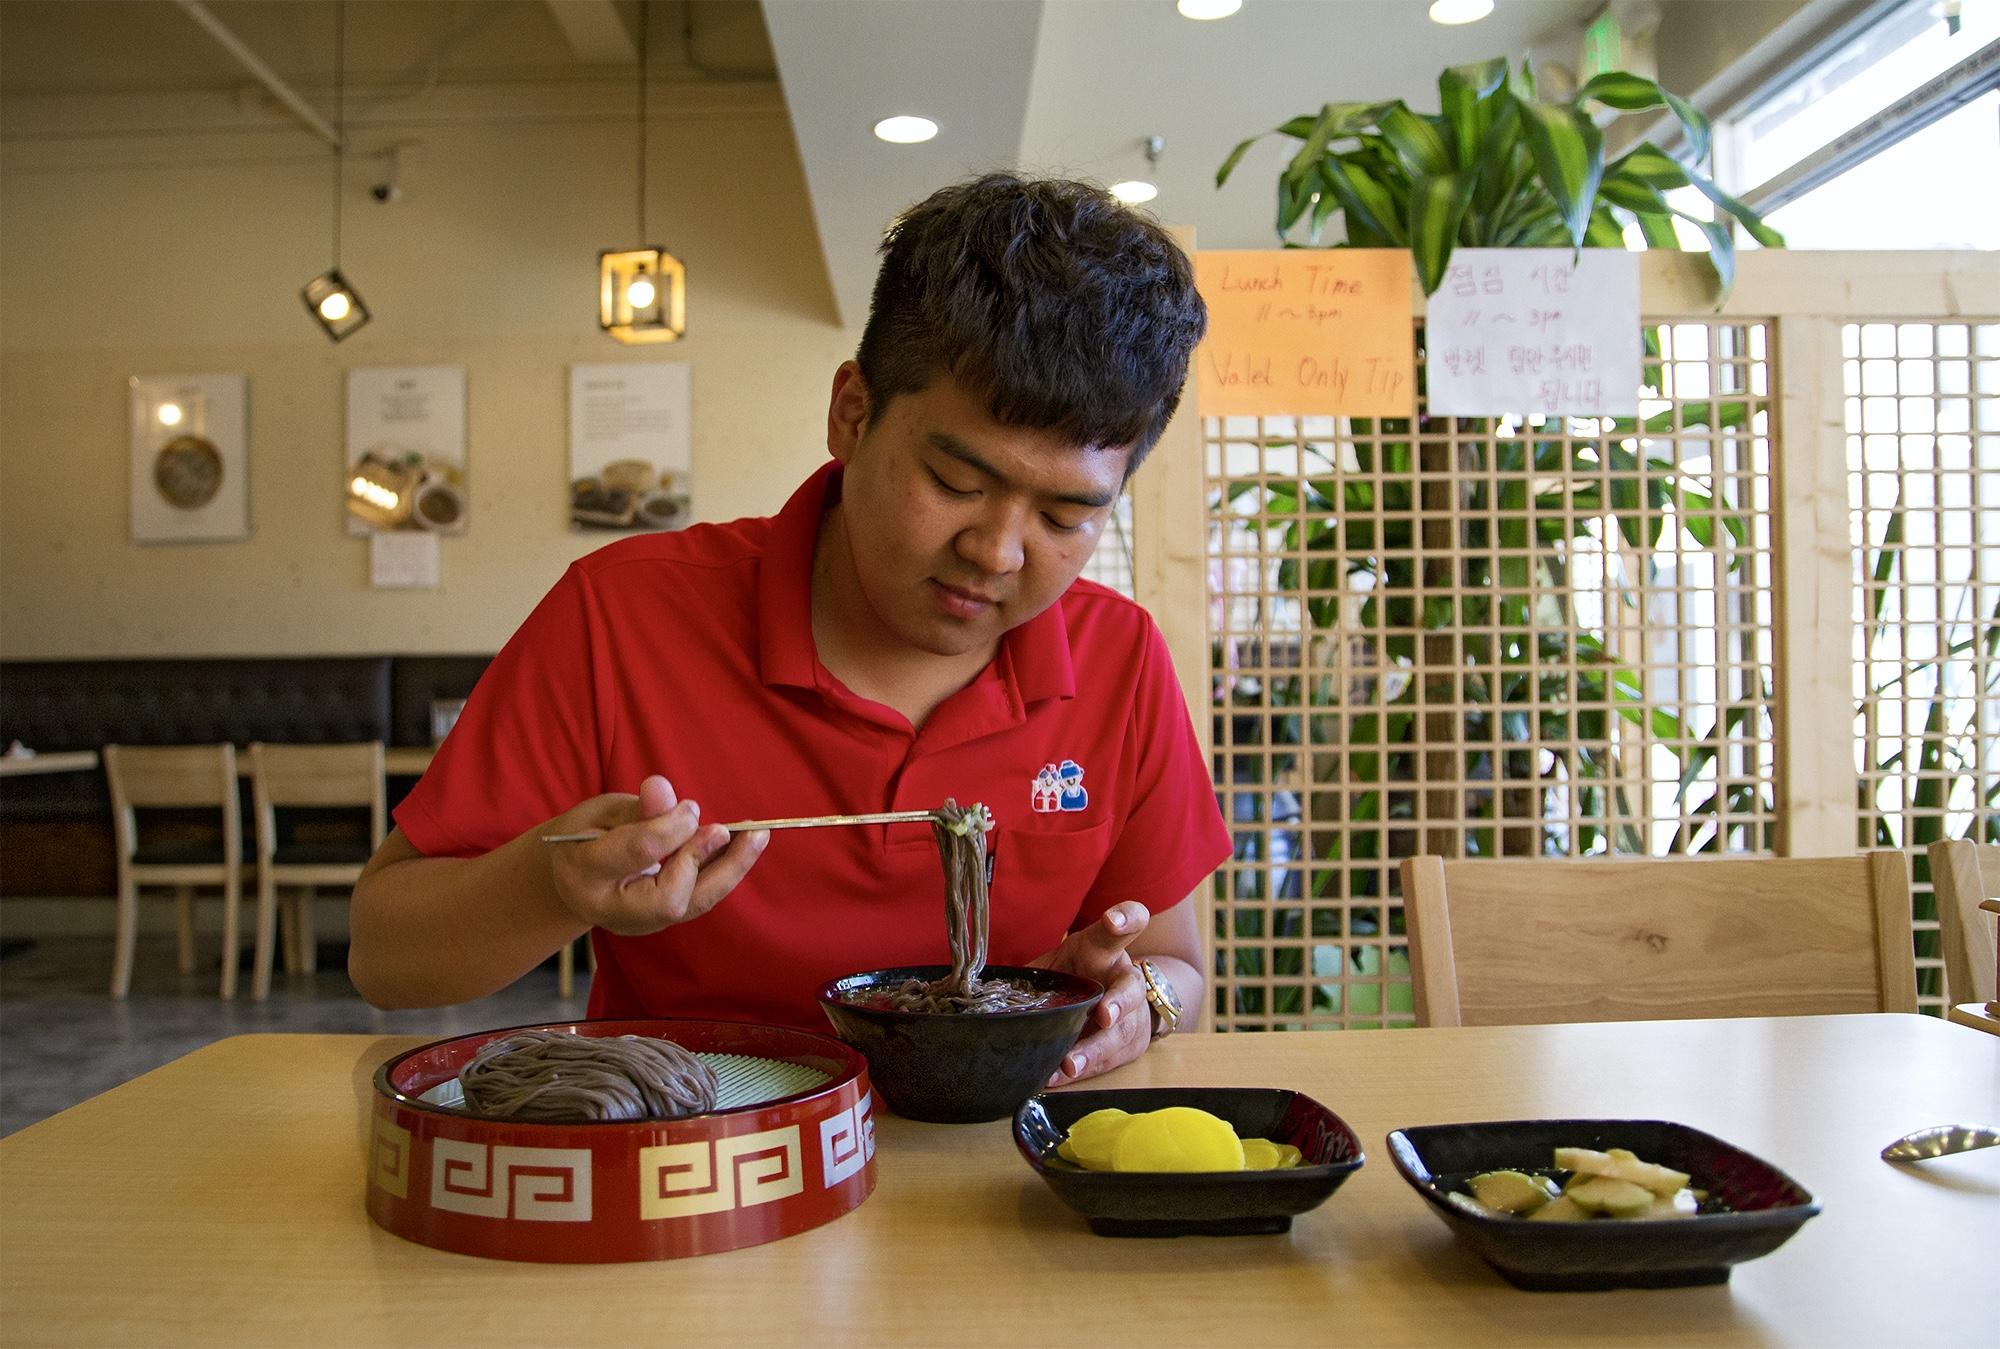 2000 Chungsil Hongsil - Min Goo Kim eats momil